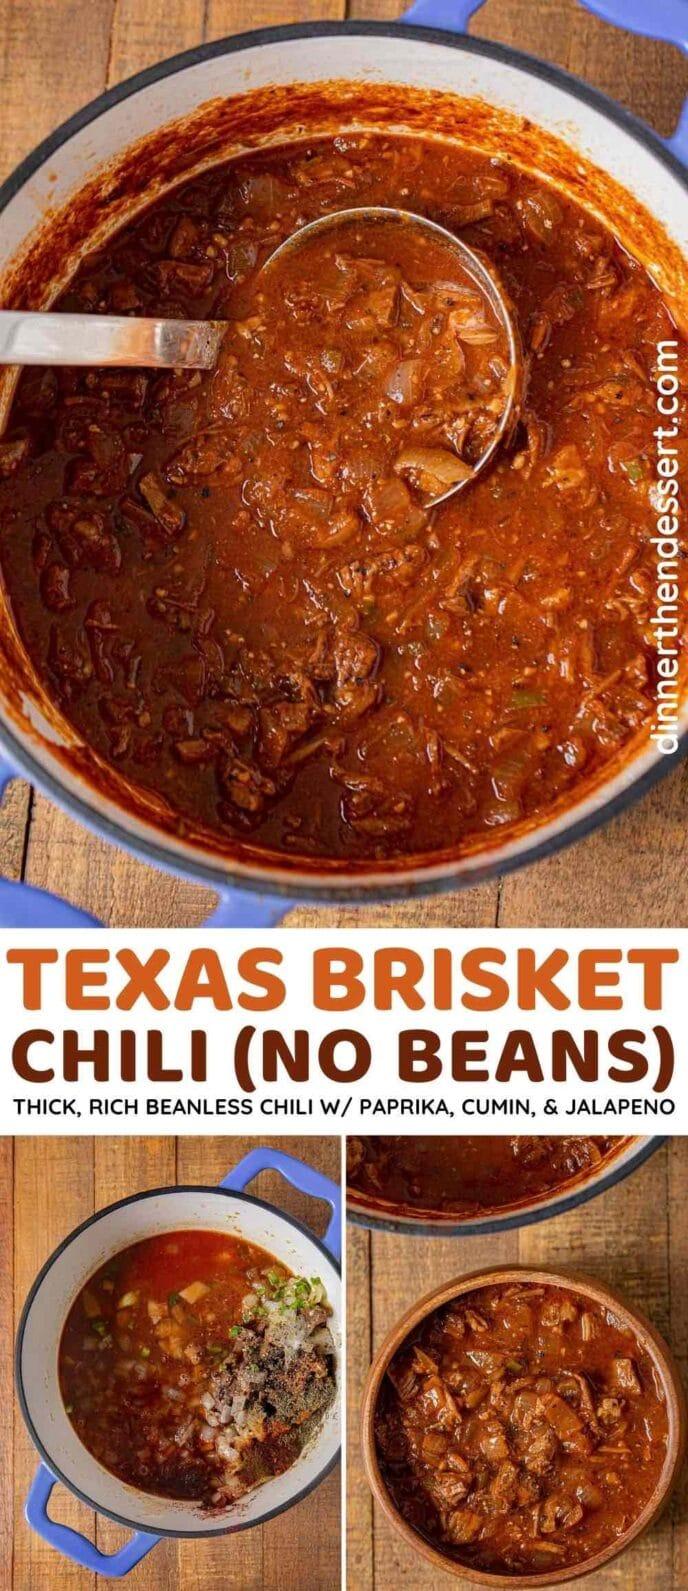 Texas Brisket Chili collage